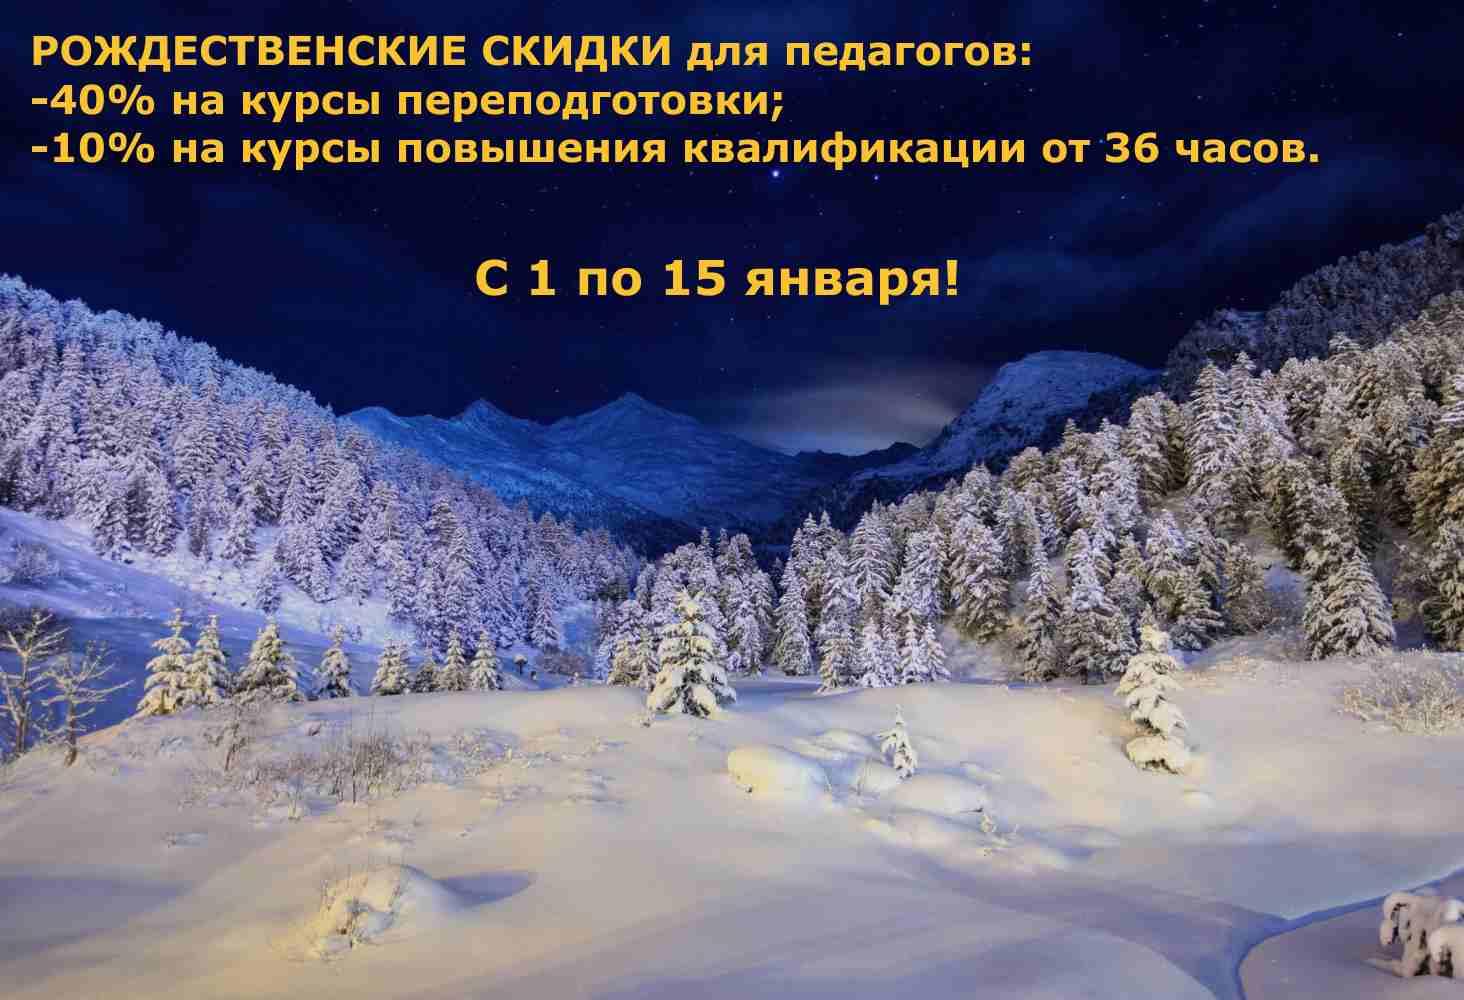 ostalos-vsego-tri-dnya-skidok-na-vse-kursy-dlya-pedagogov-v-moem-universitete